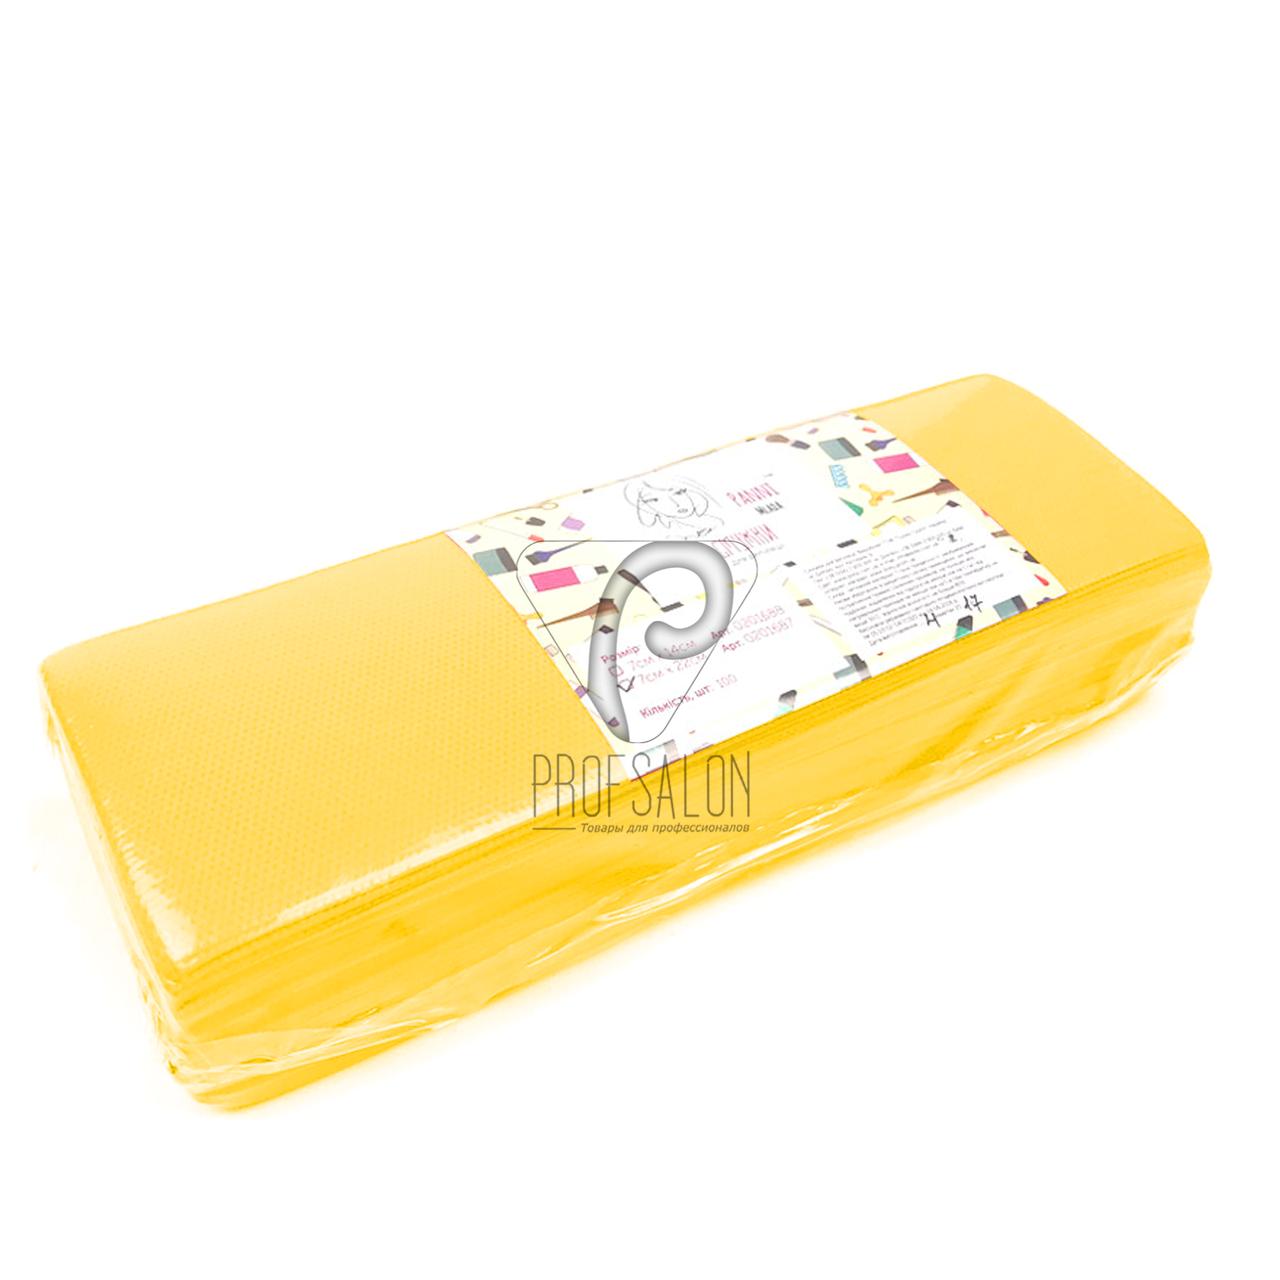 Полоски для депиляции, Panni Mlada 100 шт в упаковке, нетканые - спанбонд, желтые